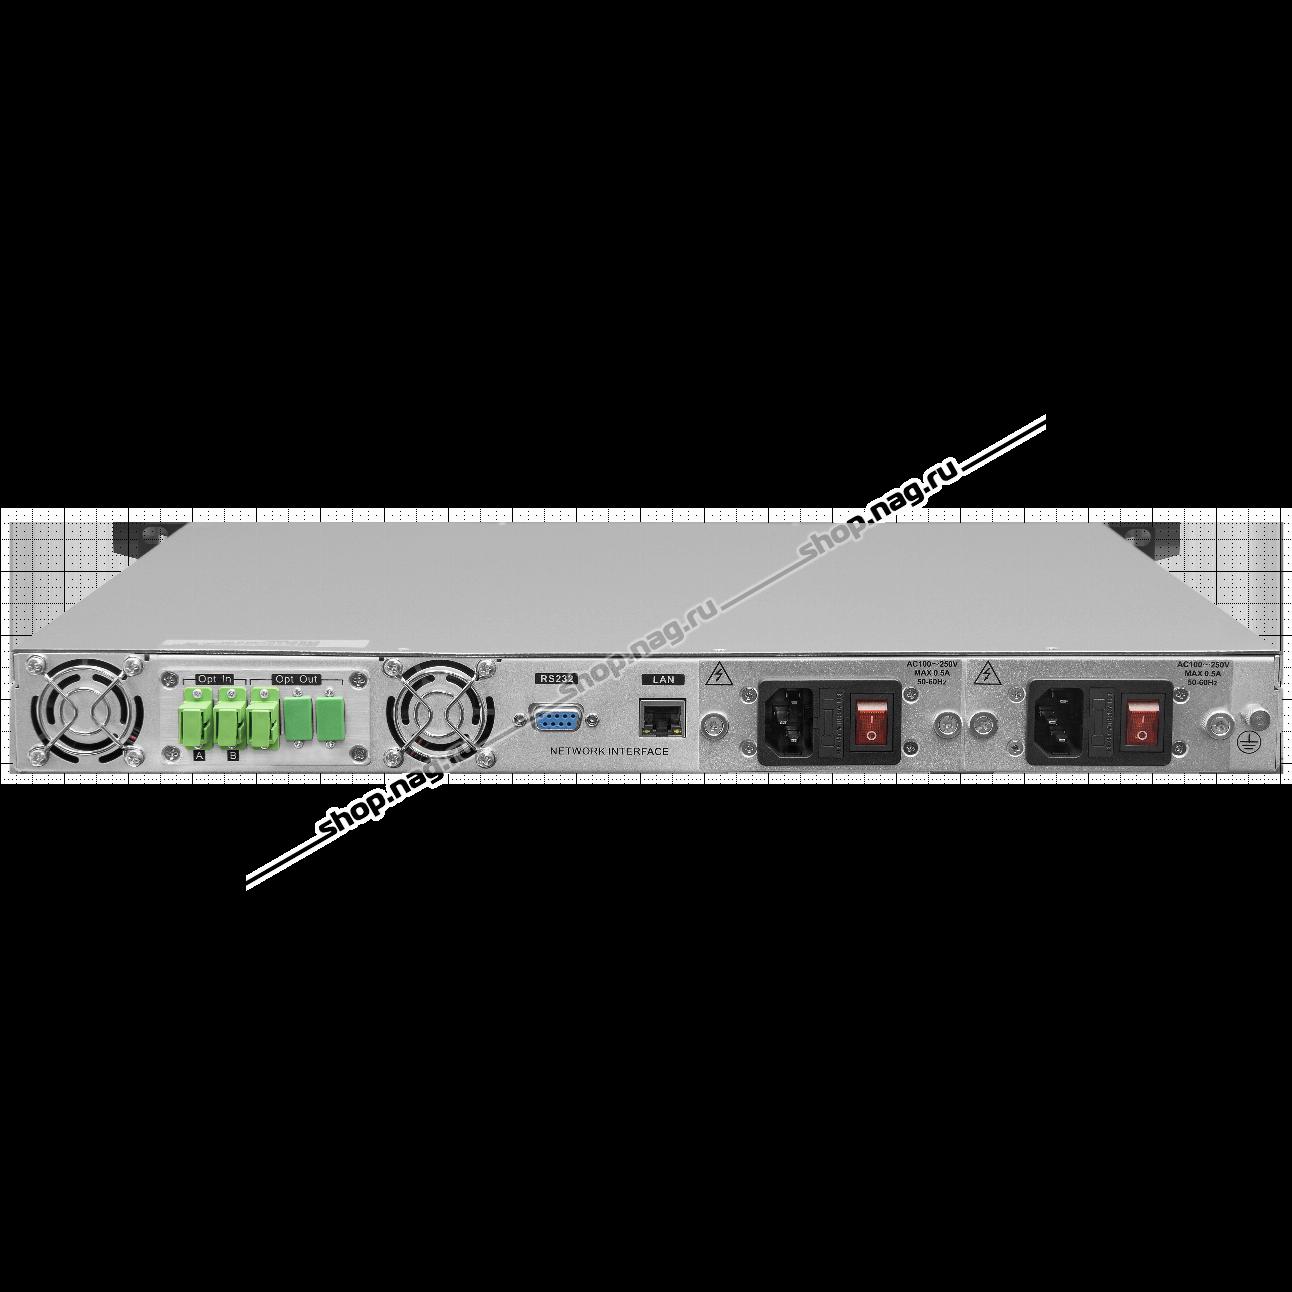 Оптический усилитель VERMAX для сетей КТВ, 19dBm выход, 2 входа